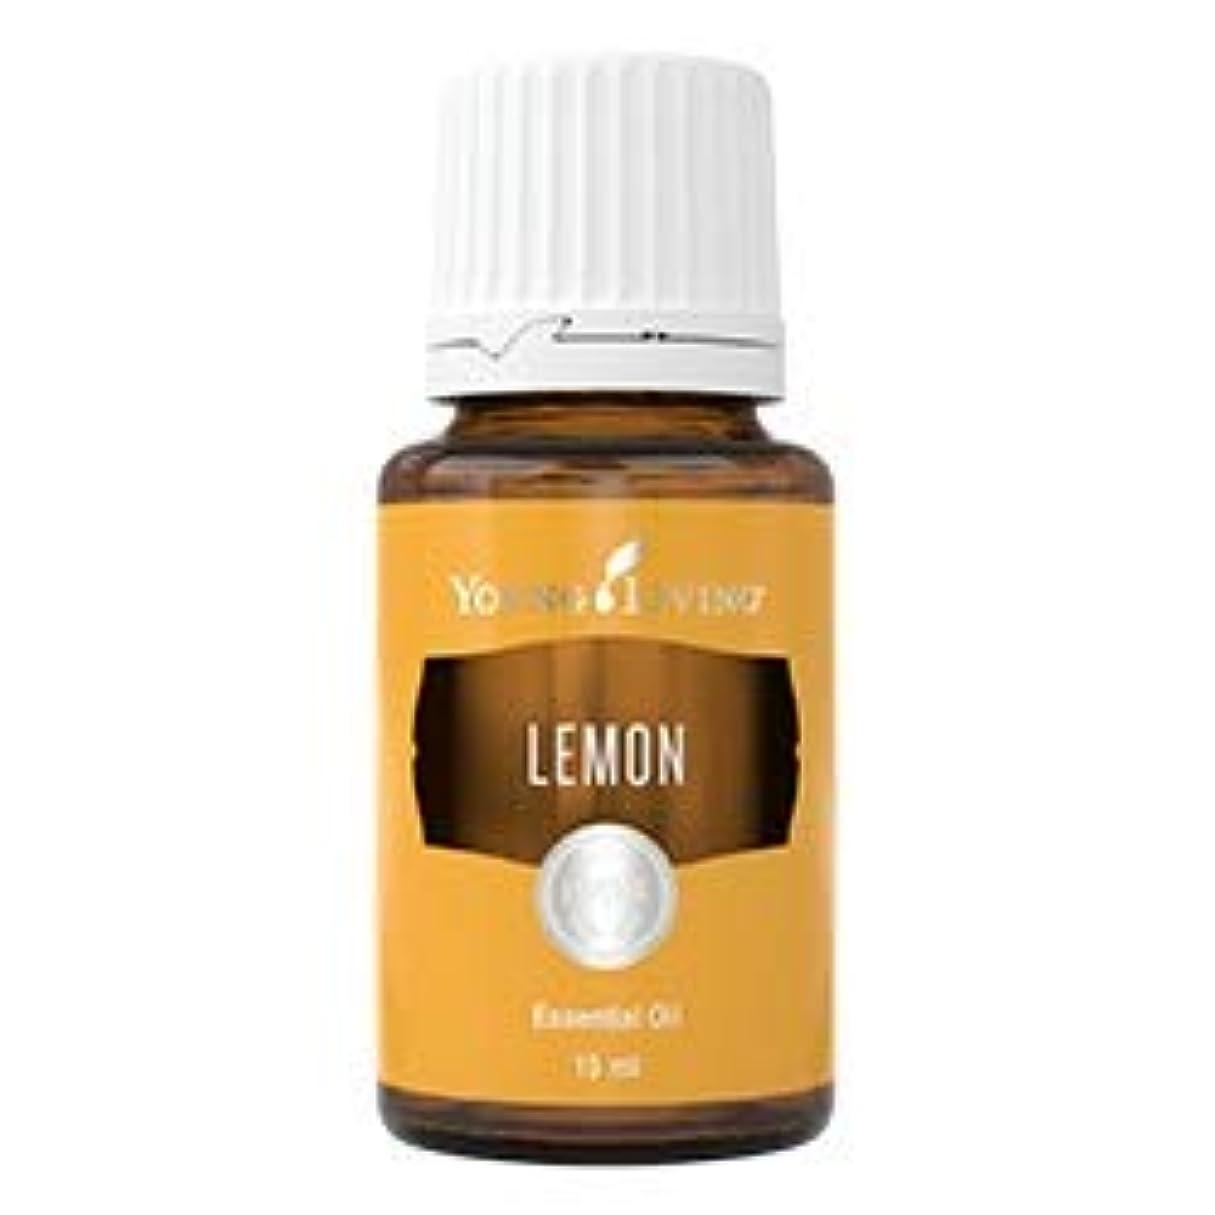 かんがい寂しいオペレーターレモンエッセンシャルオイル15 ml byヤングリビングエッセンシャルオイルマレーシア Lemon Essential Oil 15 ml by Young Living Essential Oil Malaysia